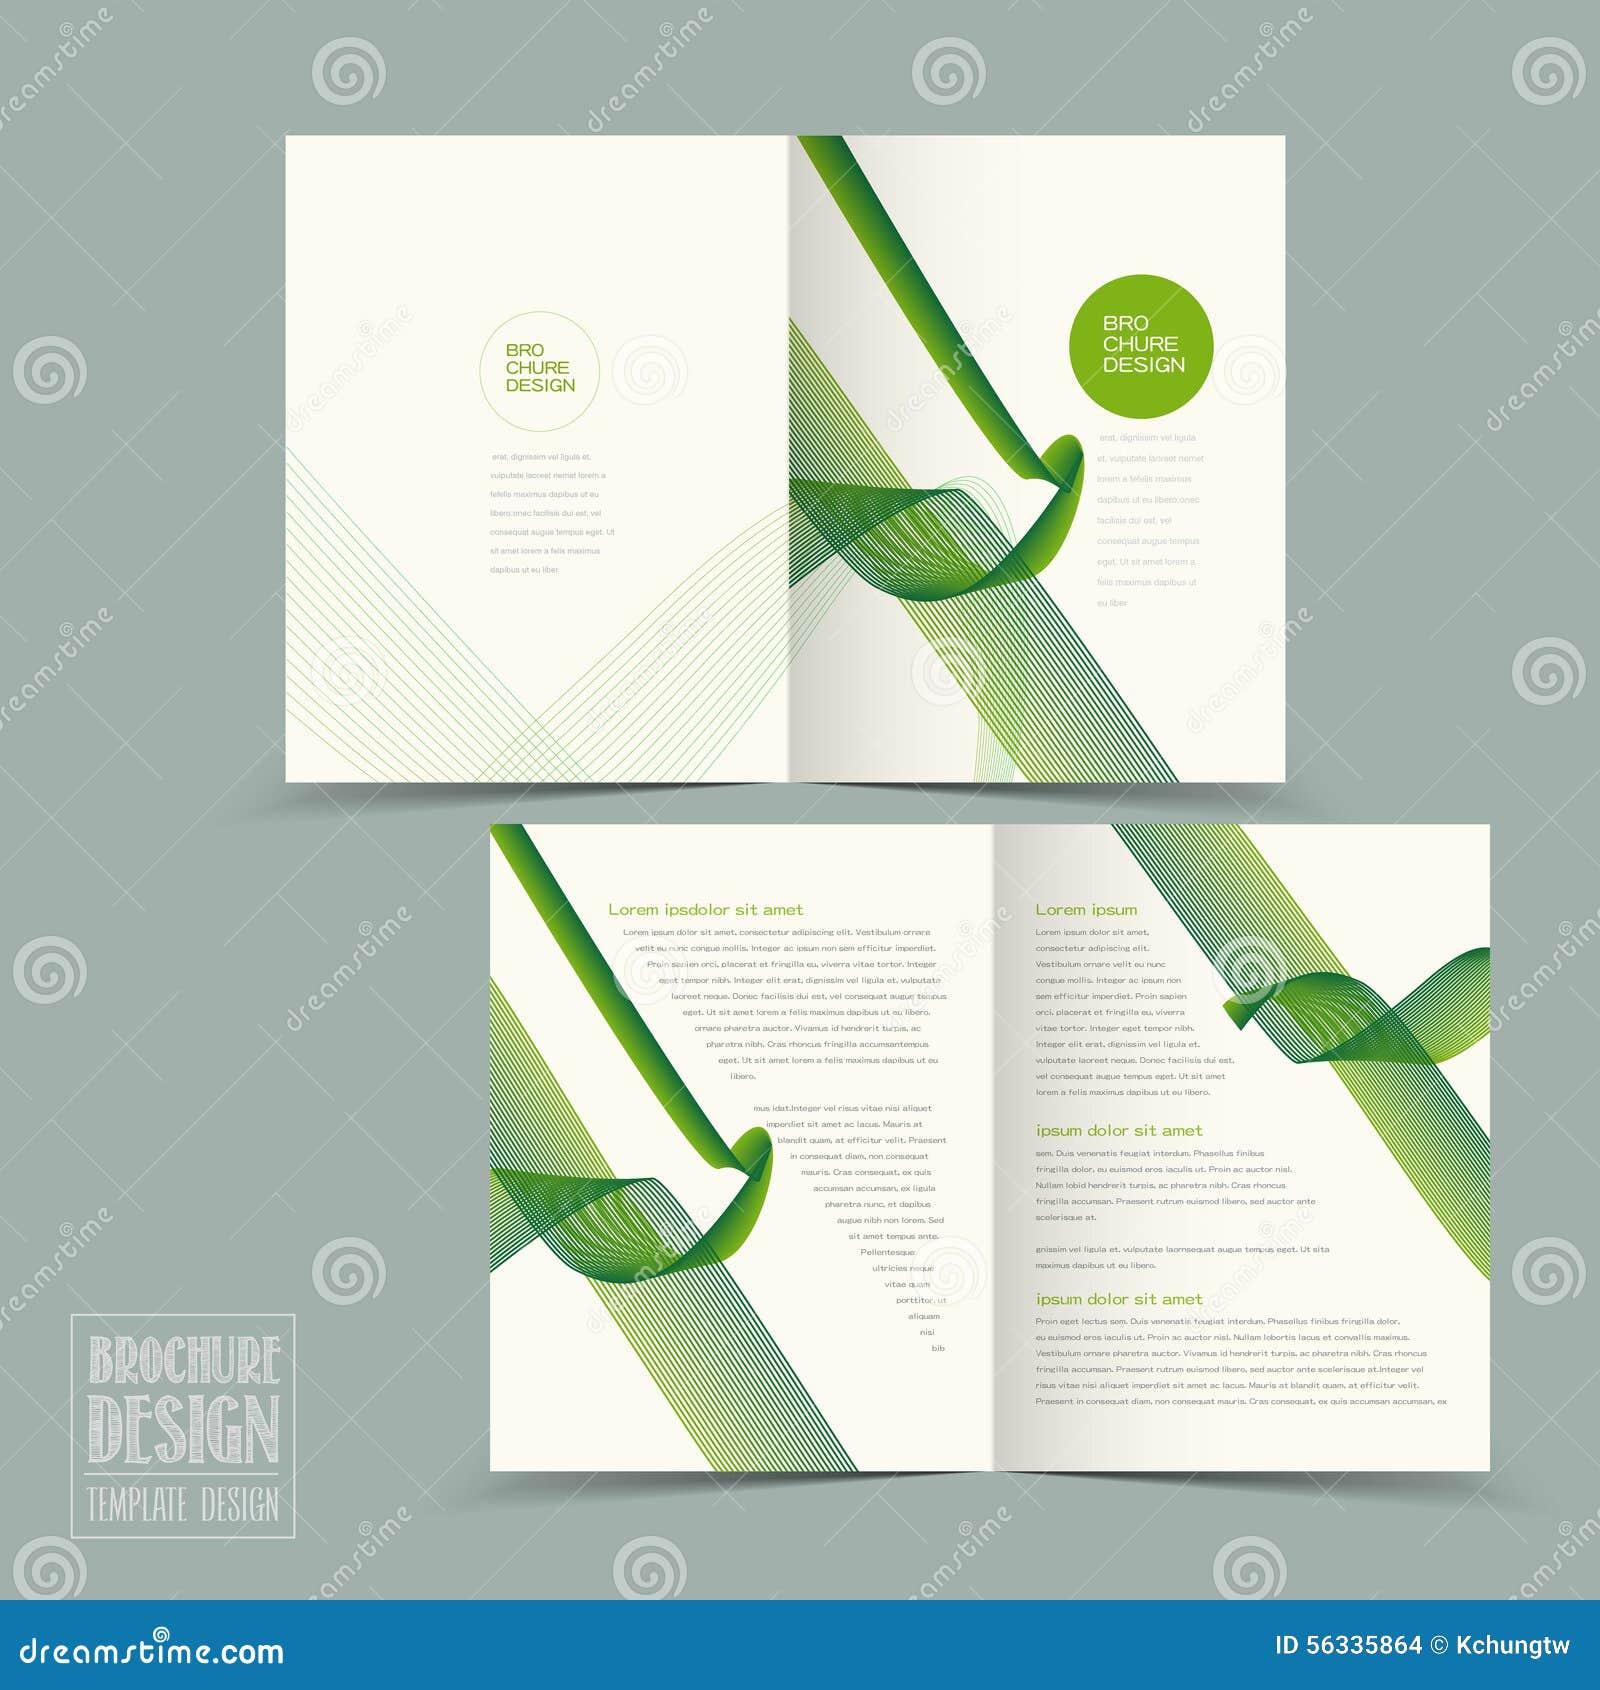 trendy half fold template design vector illustration 56182252. Black Bedroom Furniture Sets. Home Design Ideas